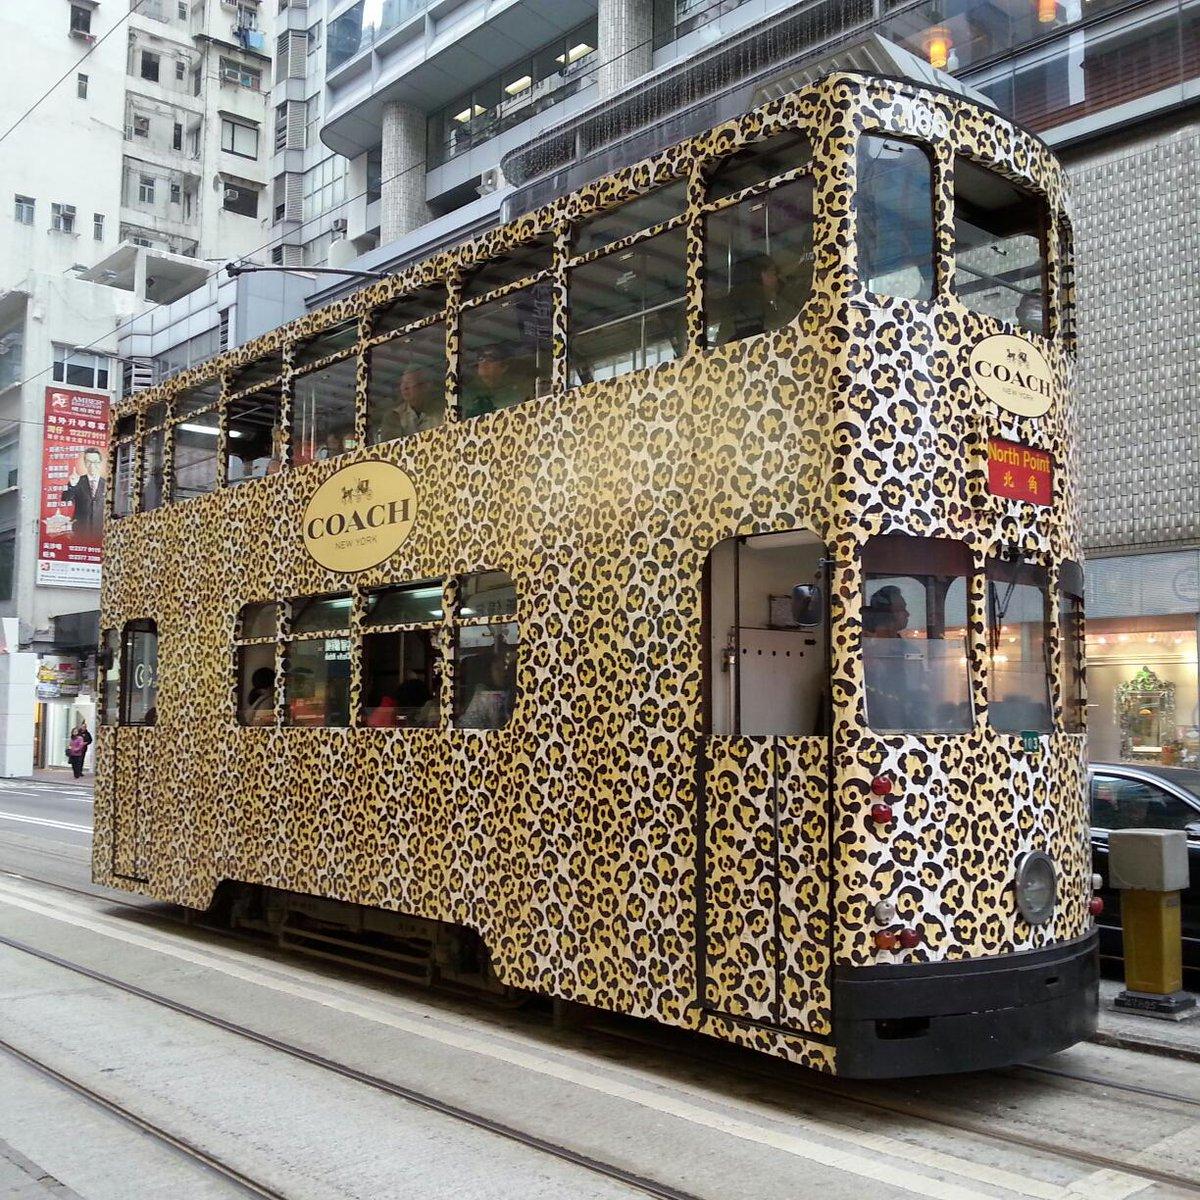 香港が大阪ミナミのオバちゃん化… RT @ymnk_t: きょう香港で見た路面電車トラムは全身がヒョウ柄。COACHの広告です。間近で見るとインパクト十分。大陸中国から買い物に来る女性にヒョウ柄のバッグが大人気だからとか。派手すぎ。 http://t.co/eLoDq4pSTR